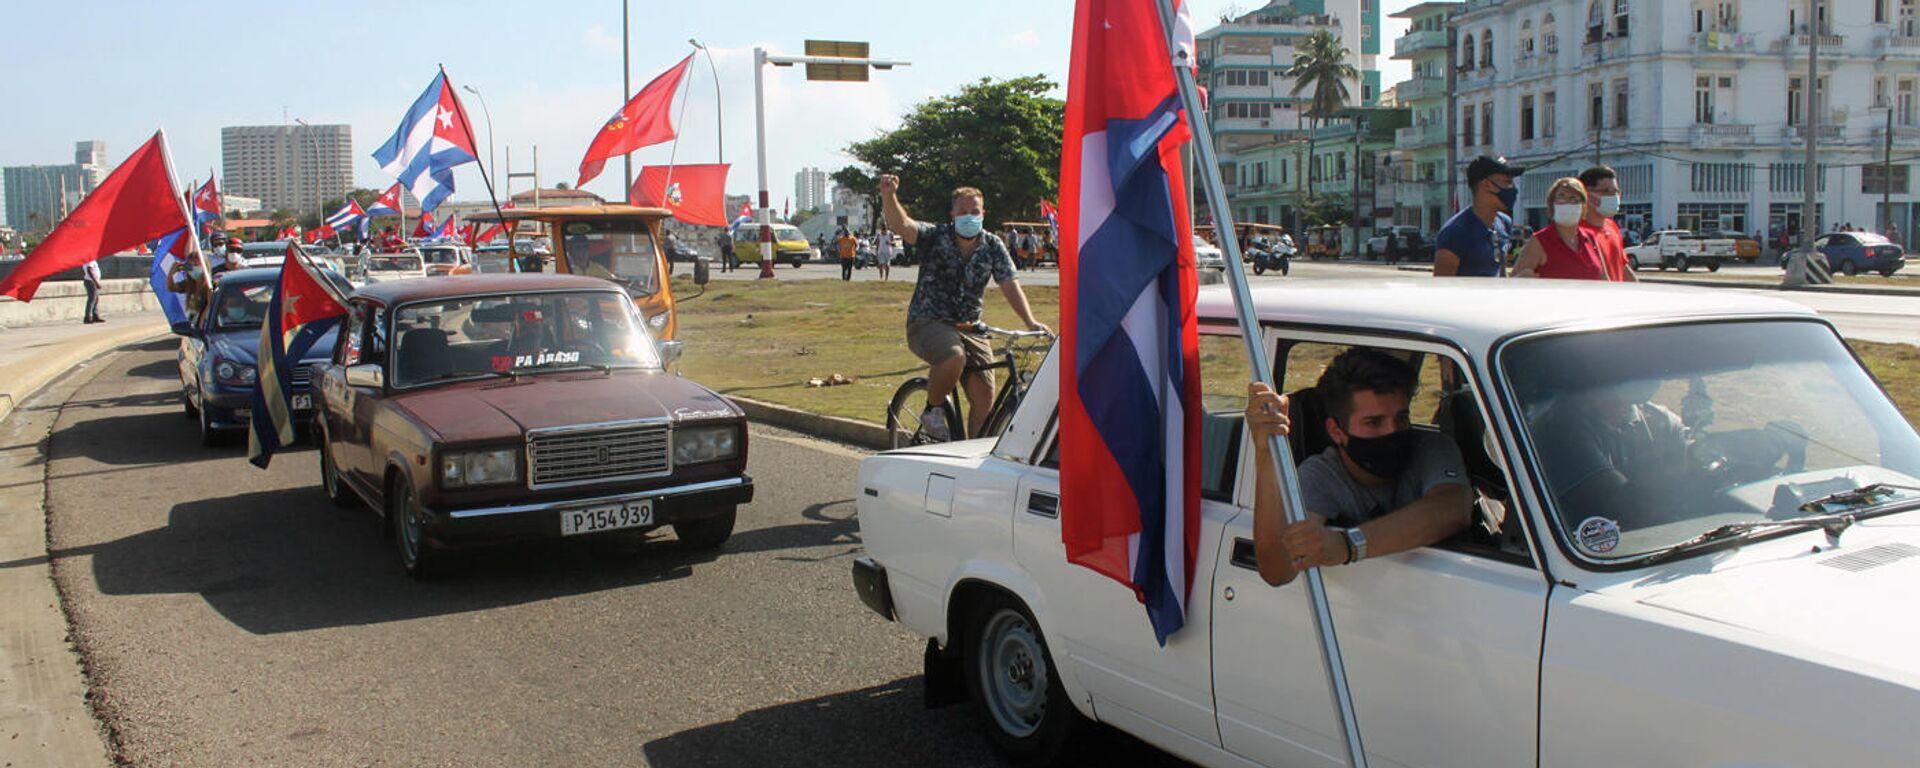 Manifestación contra el bloqueo de EEUU a Cuba en La Habana - Sputnik Mundo, 1920, 06.04.2021